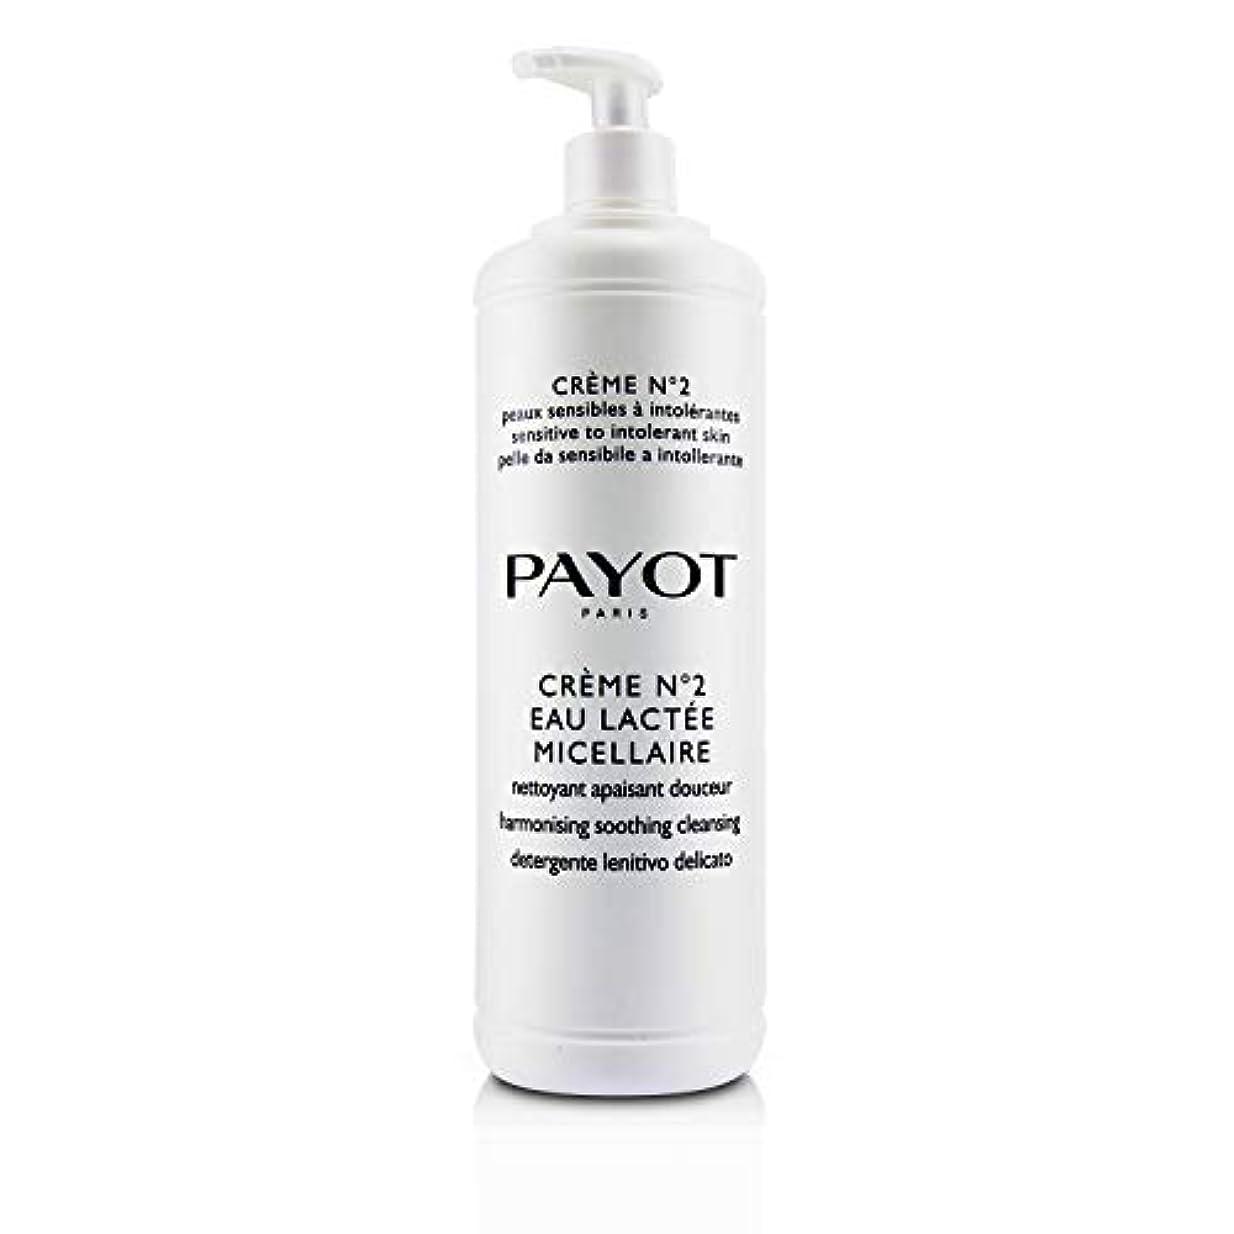 気性最適区画パイヨ Creme N°2 Eau Lactée Micellaire Harmonising Soothing Cleansing (Salon Size) 1000ml/33.8oz並行輸入品